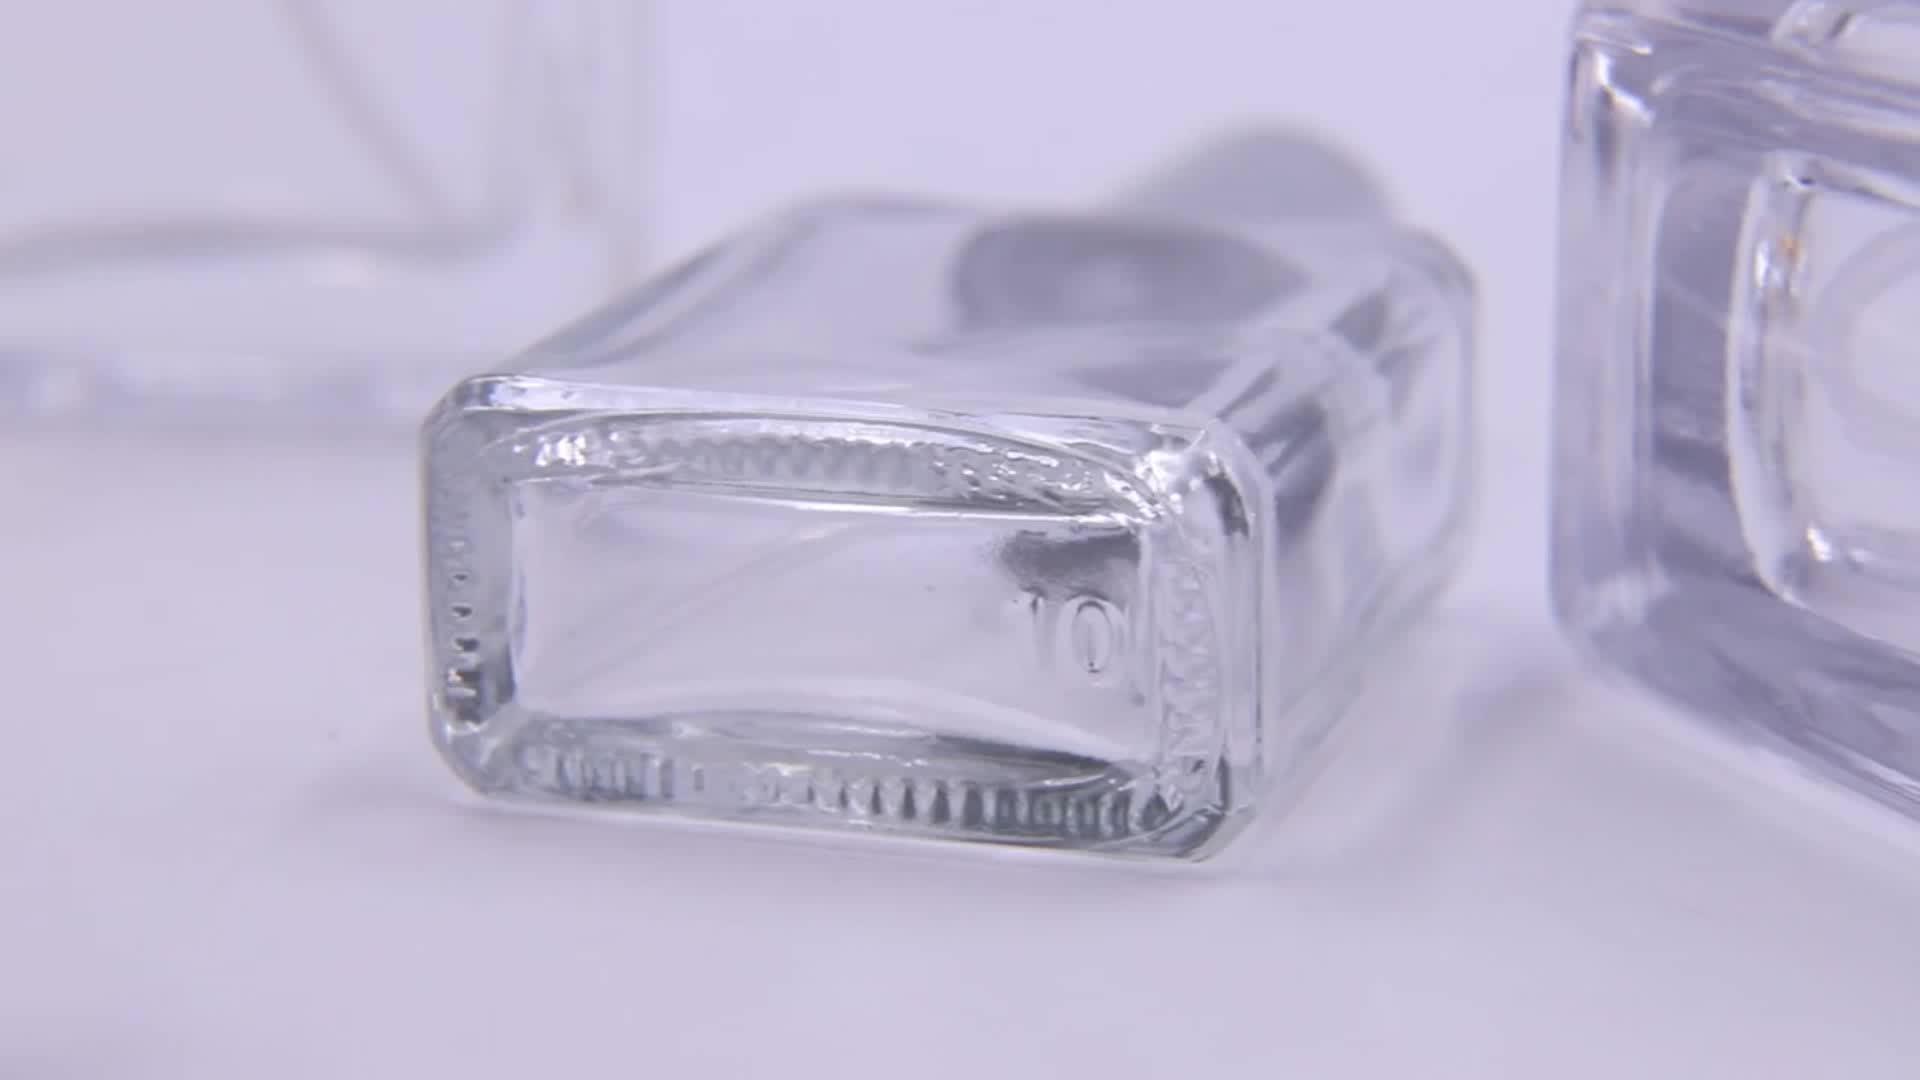 Yeni tasarım ile 15ml 50ml 100 ml doldurulabilir cam parfüm şişeleri